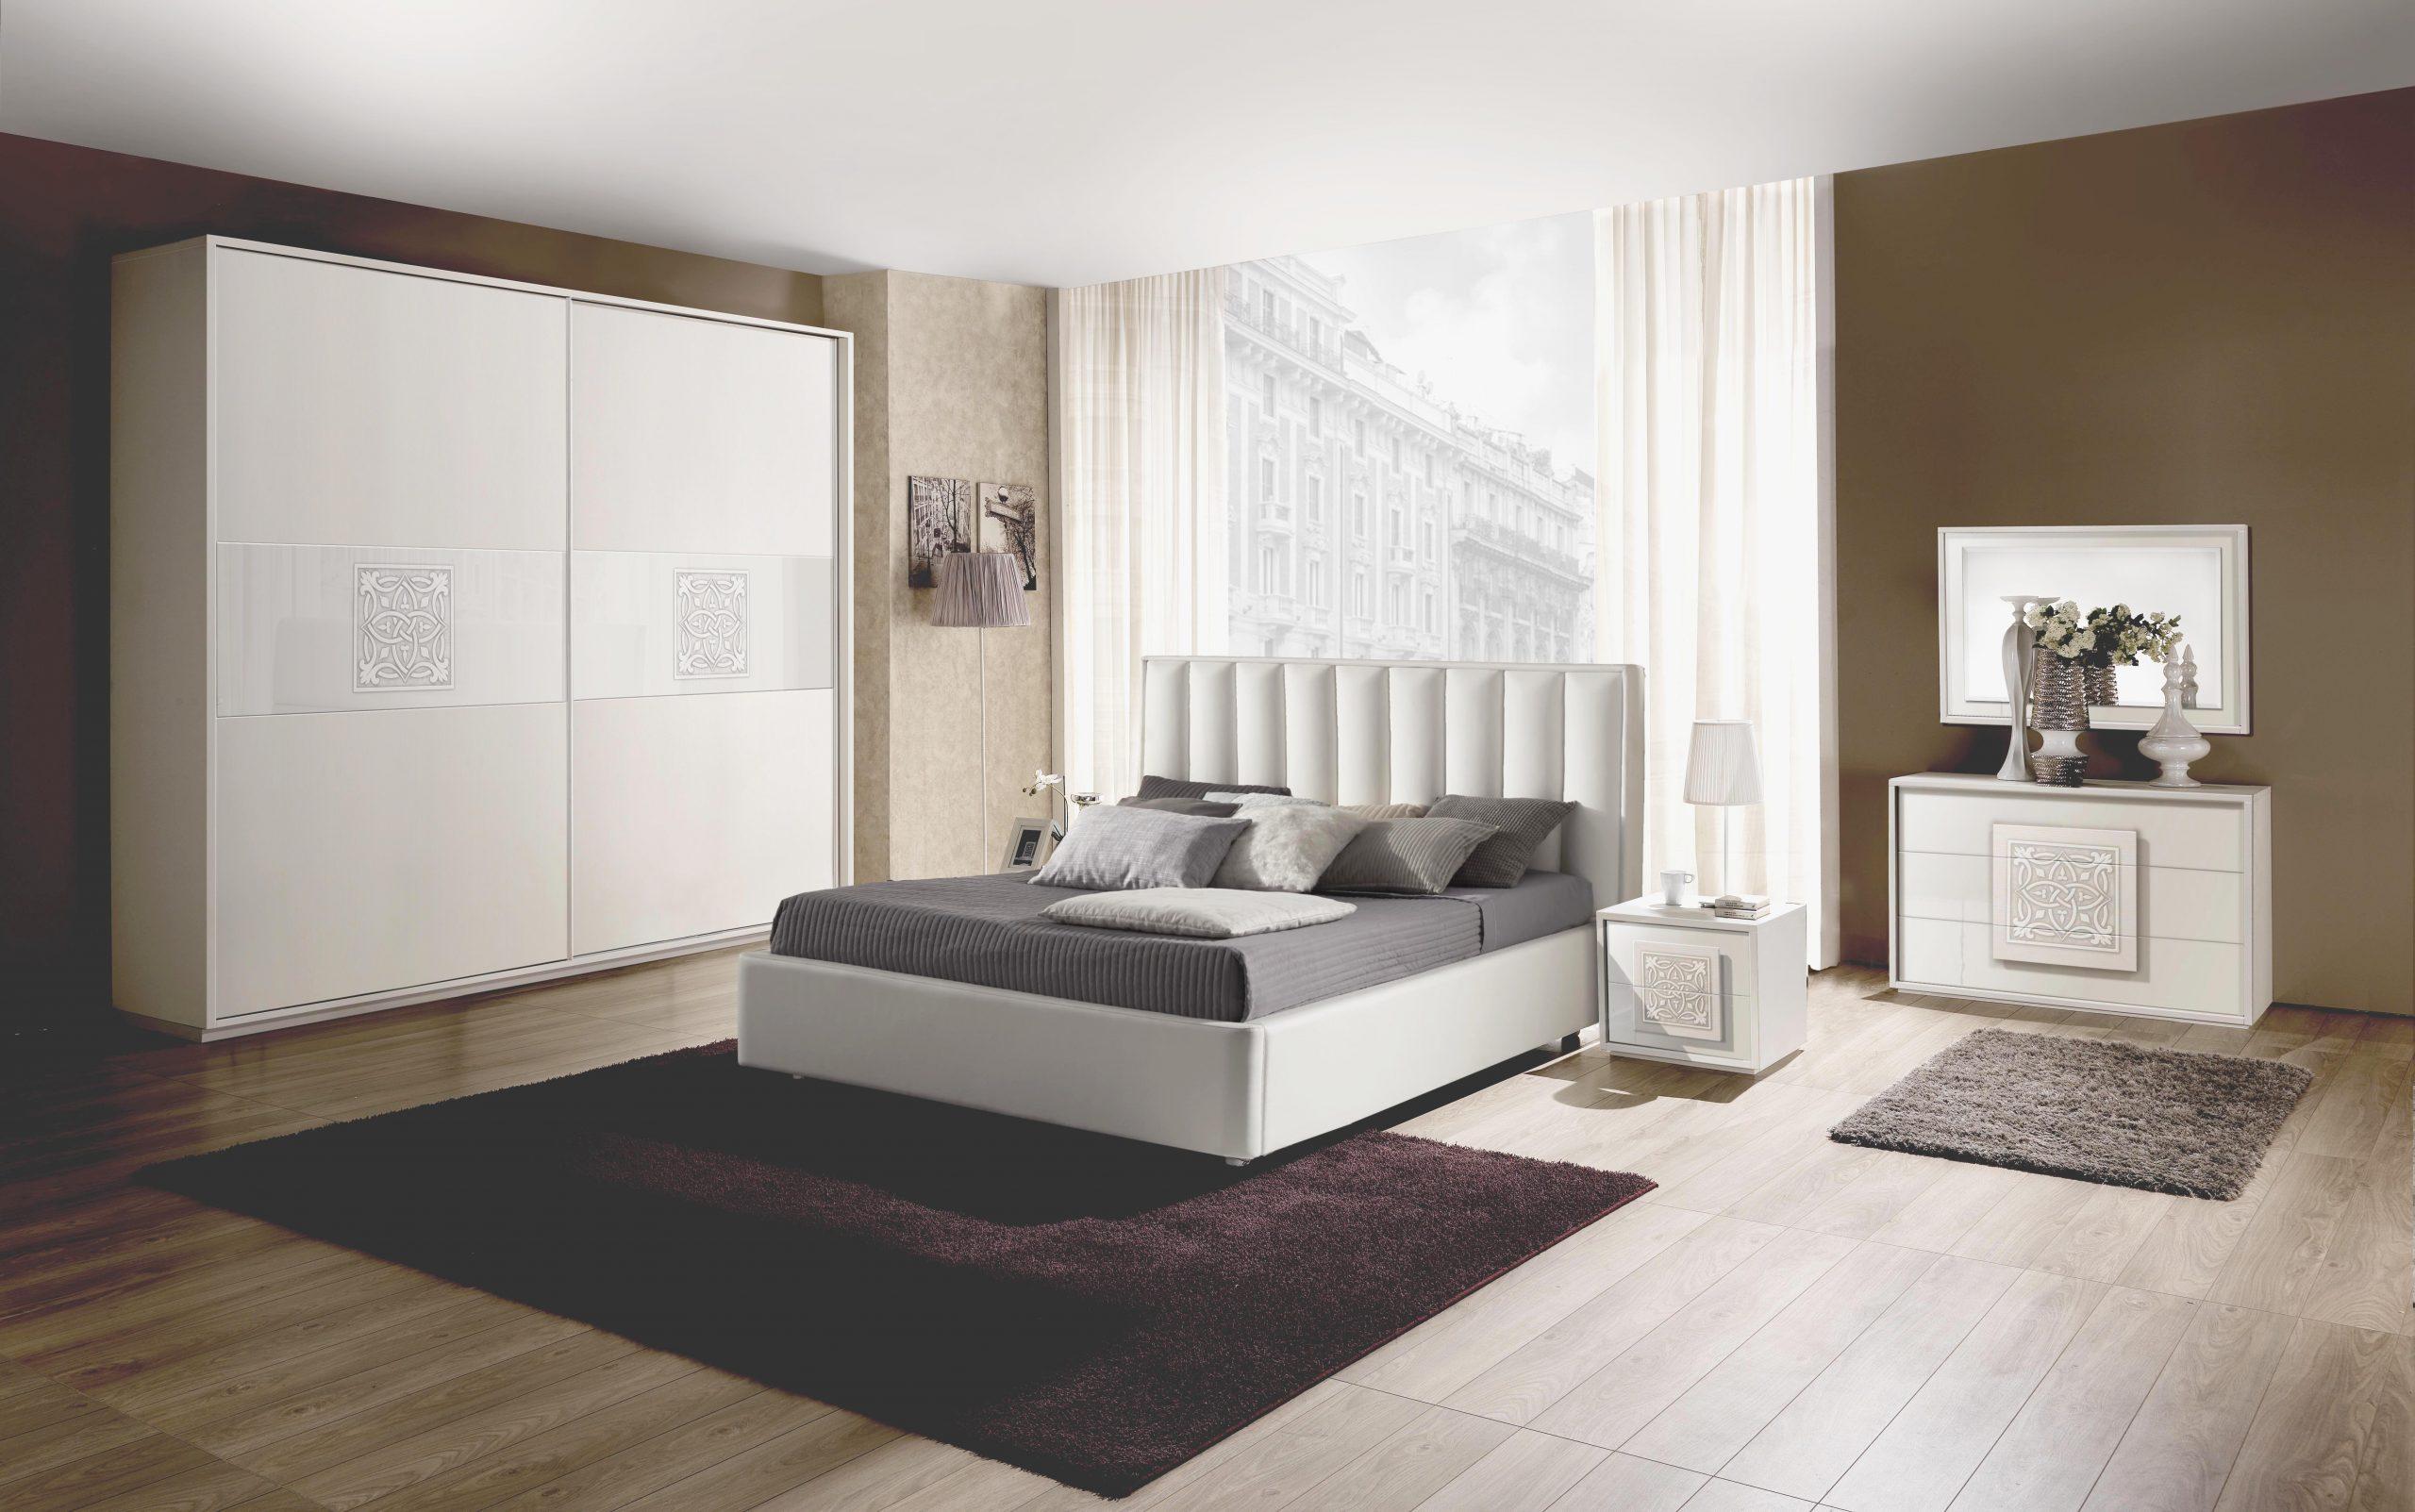 Full Size of Luxus Betten Dänisches Bettenlager Badezimmer Wohnwert Amazon 180x200 Mannheim Bei Ikea Jugend Mit Stauraum Für übergewichtige Kaufen Designer Rauch Bett Betten Düsseldorf